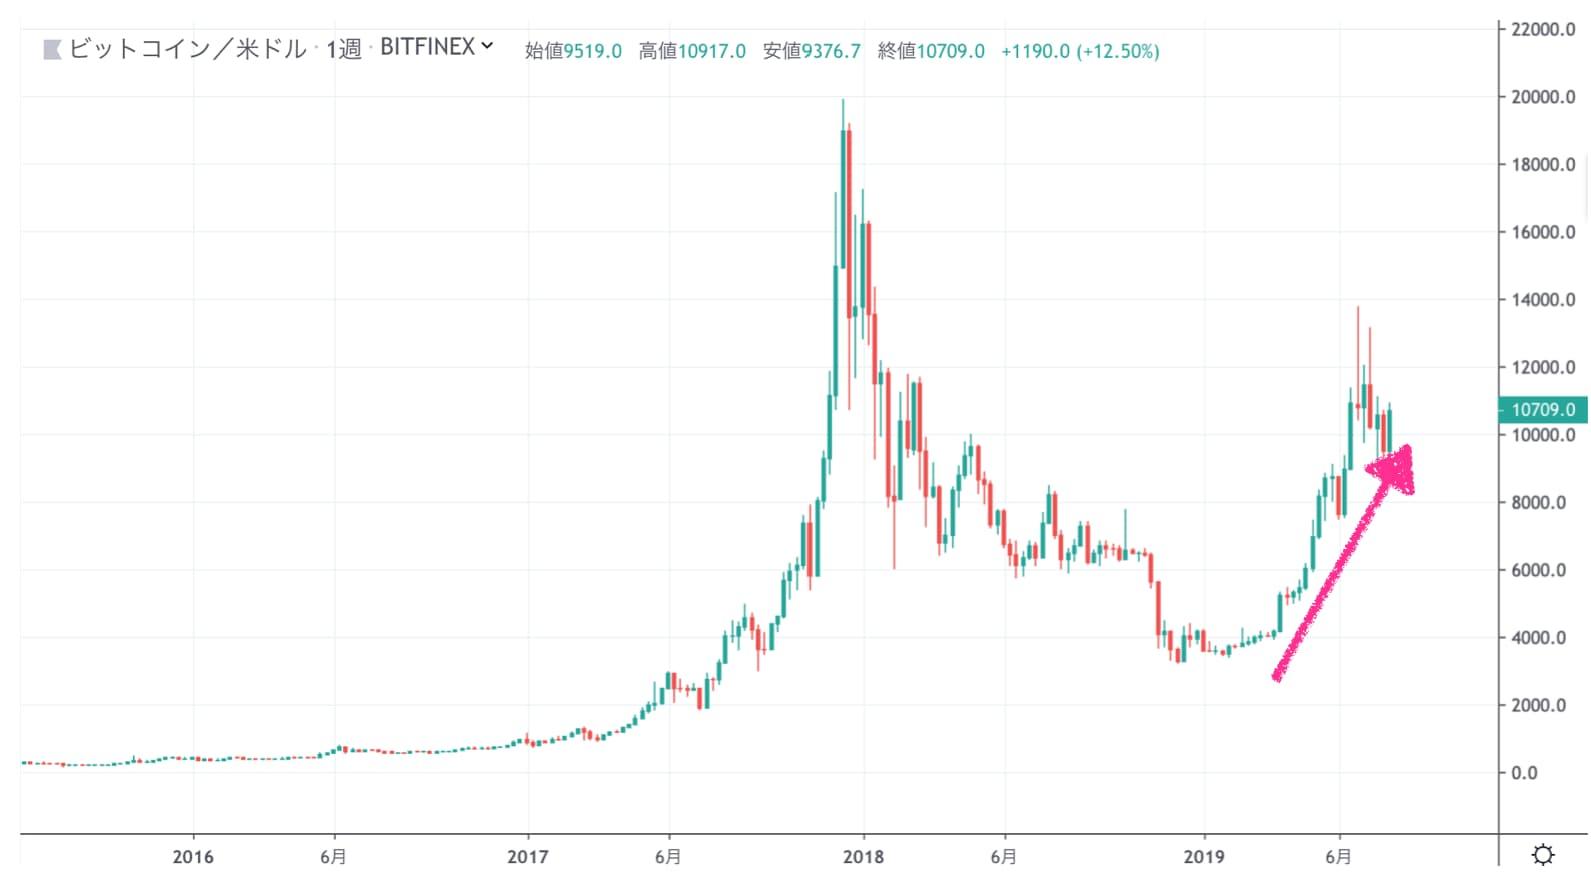 ビットコイン/ドルのチャート